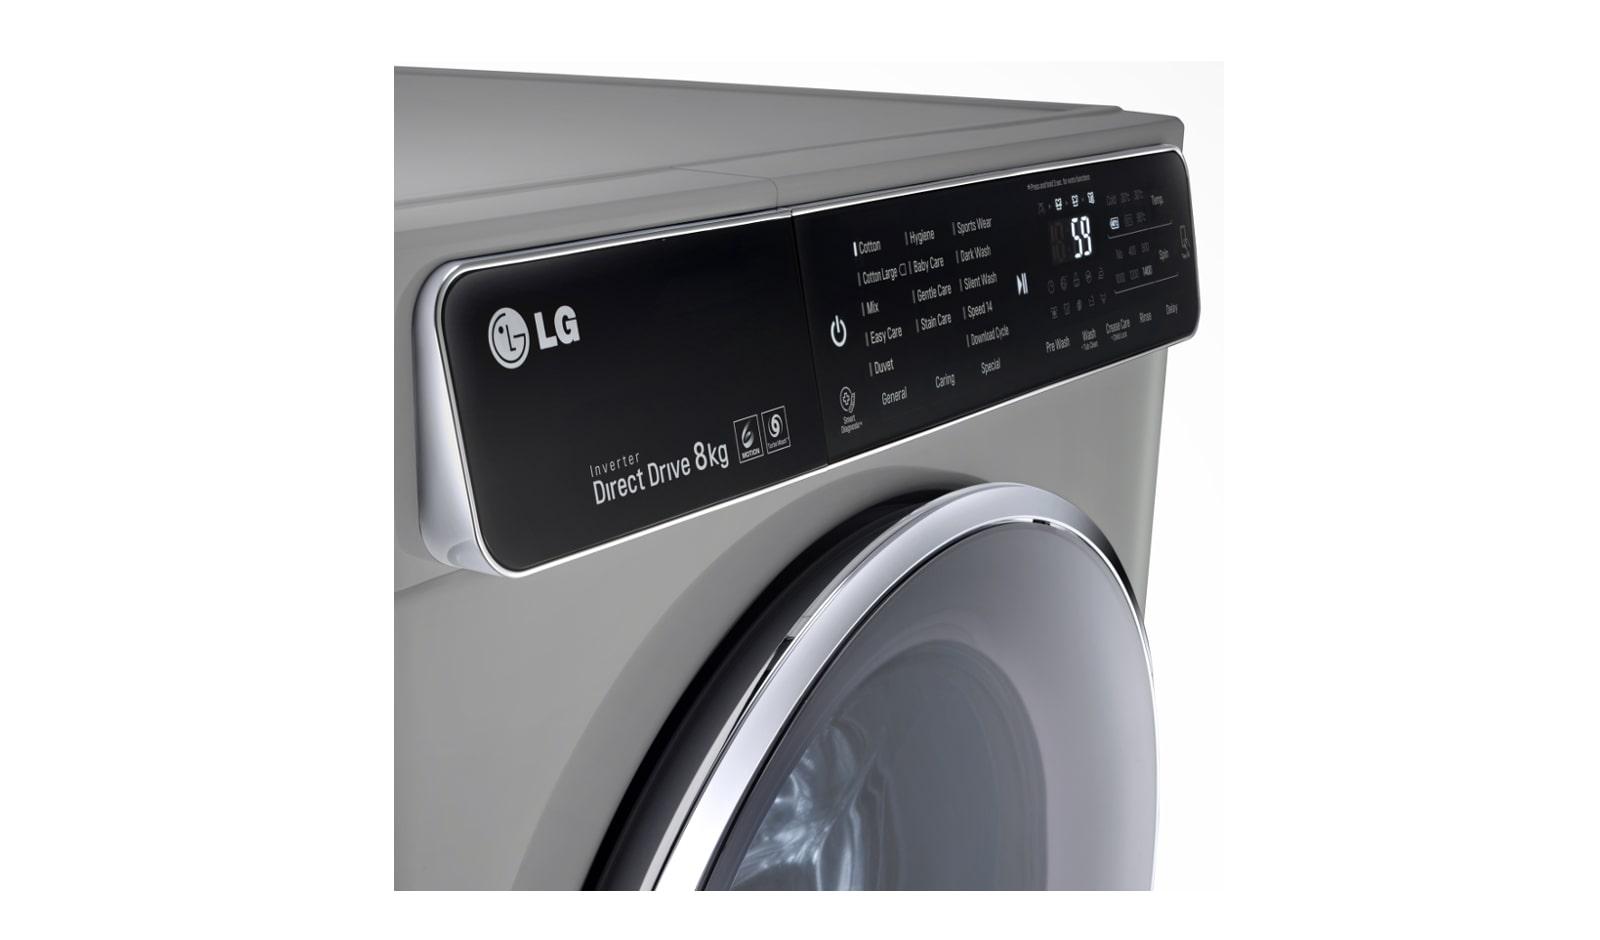 Beautiful offerte lavatrici napoli gallery - Mediaworld lavatrici prezzi ...